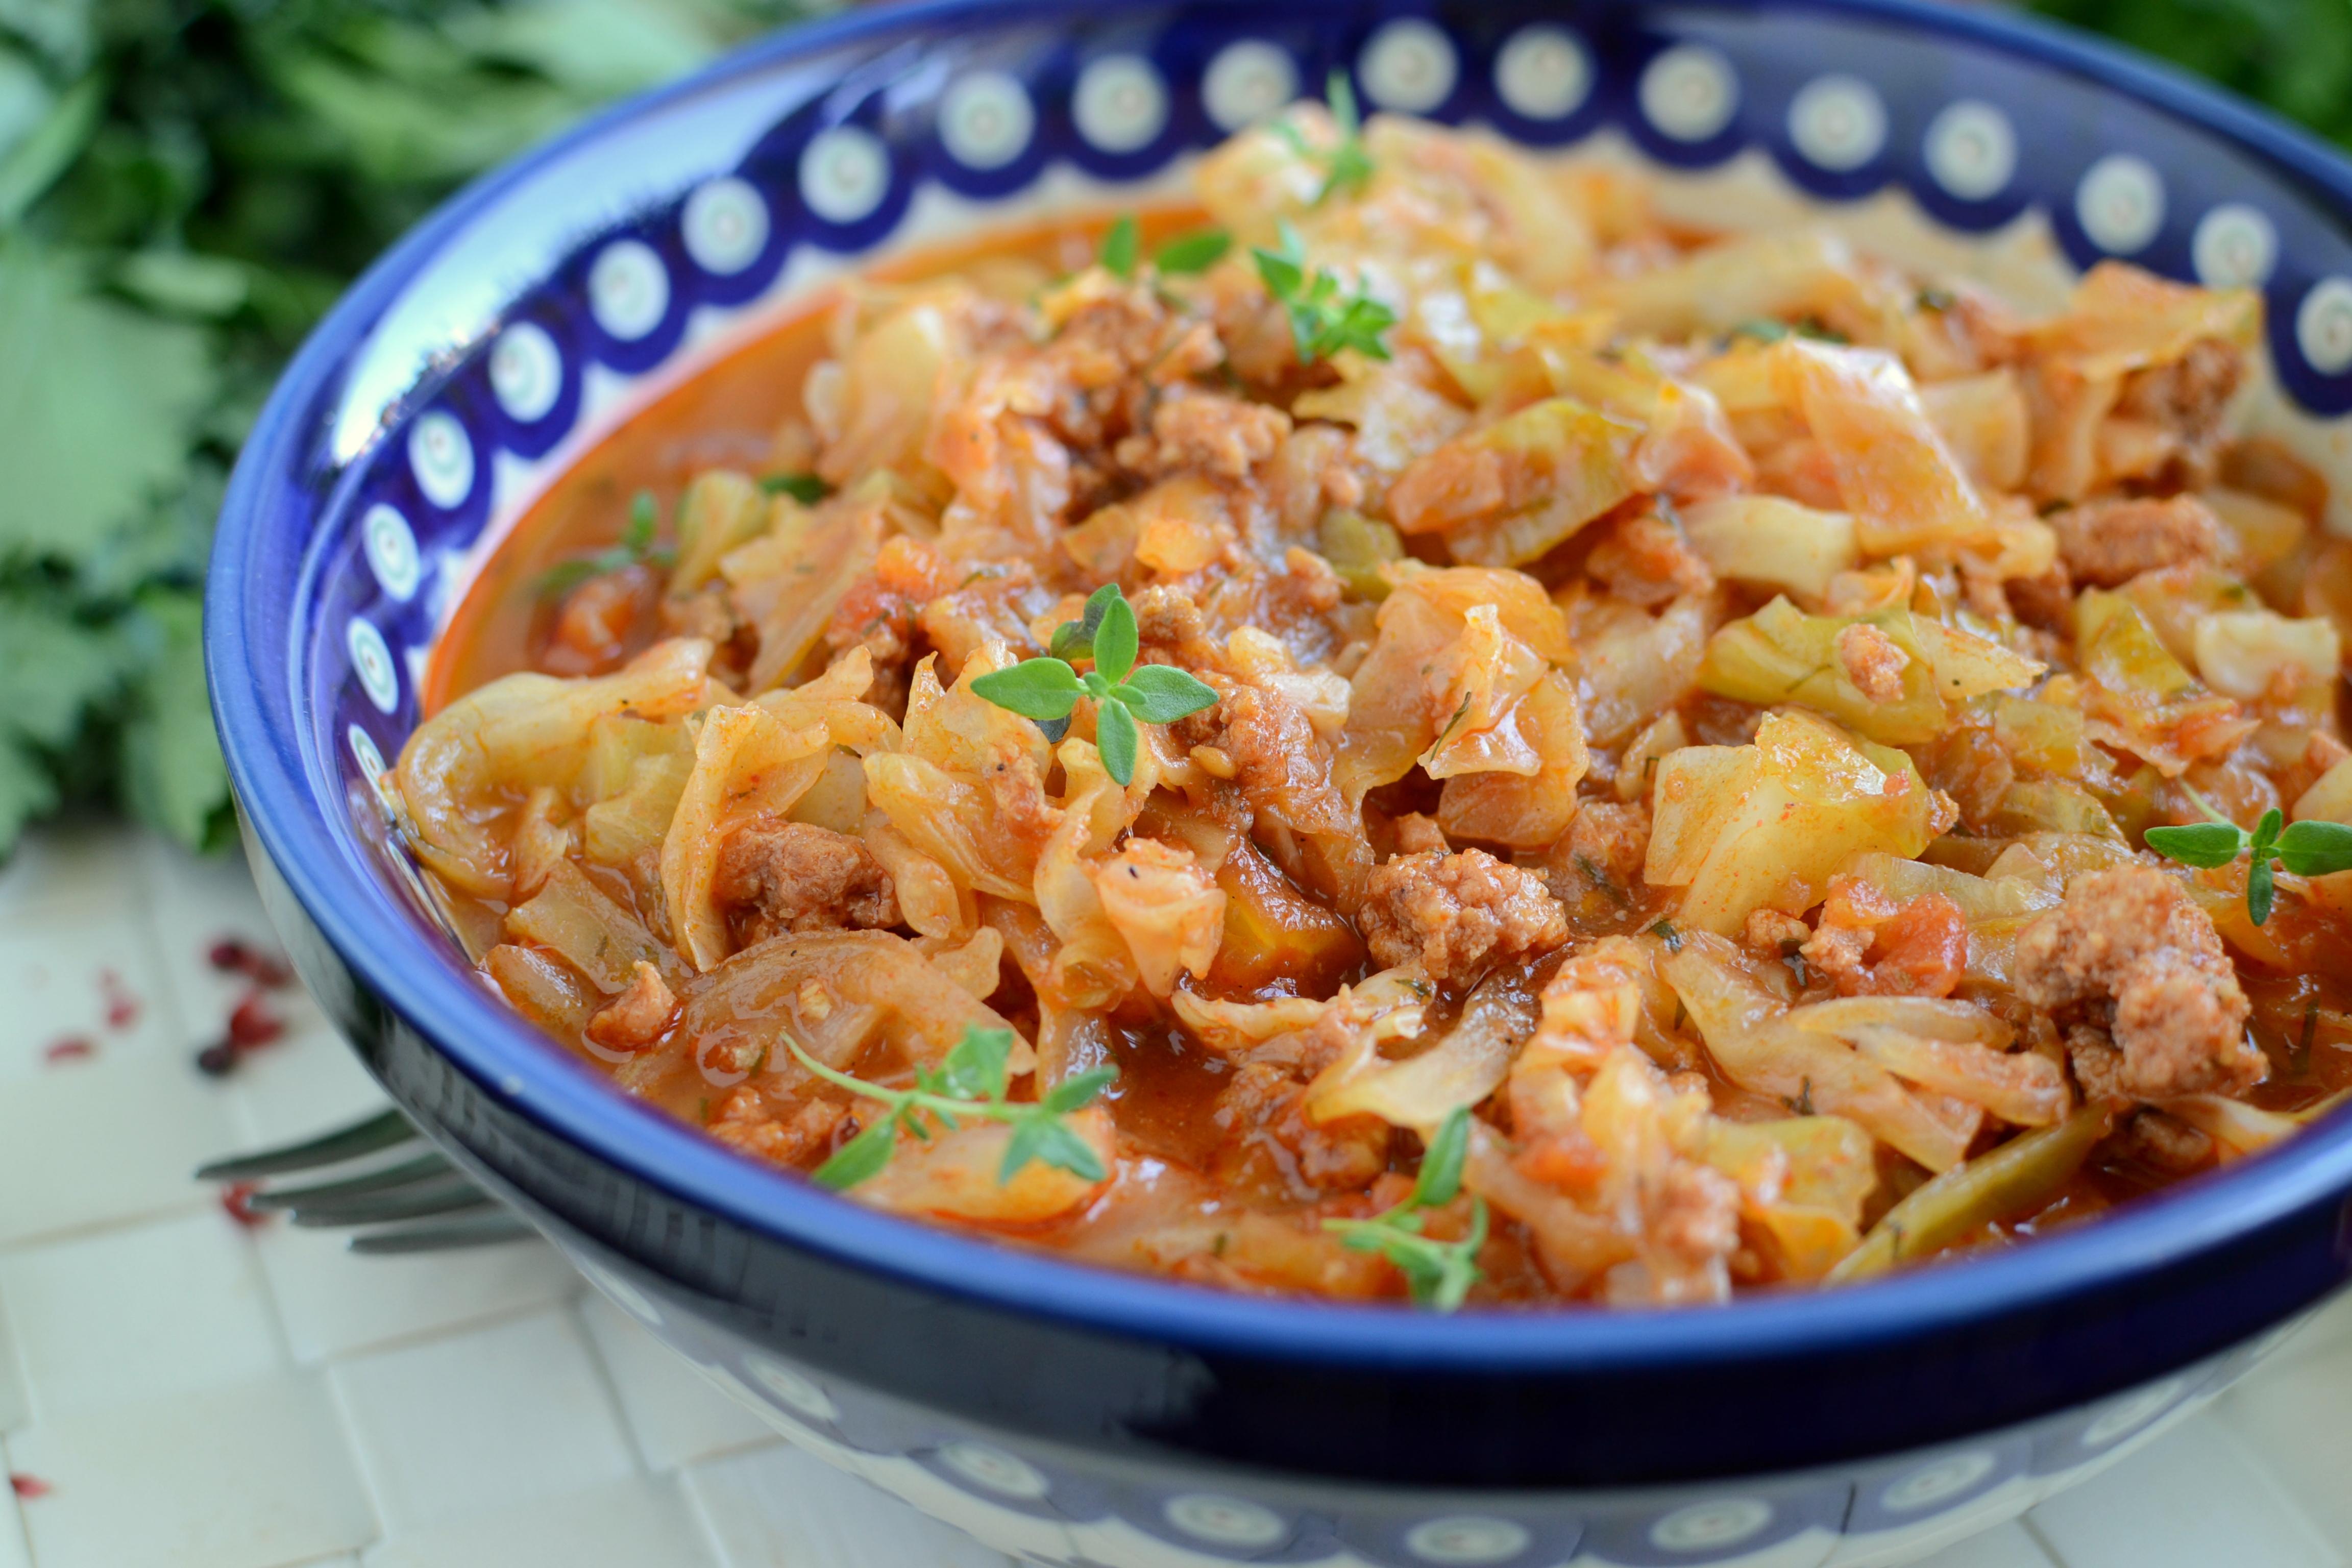 Pomidorowa potrawka z kapusty i mięsa mielonego